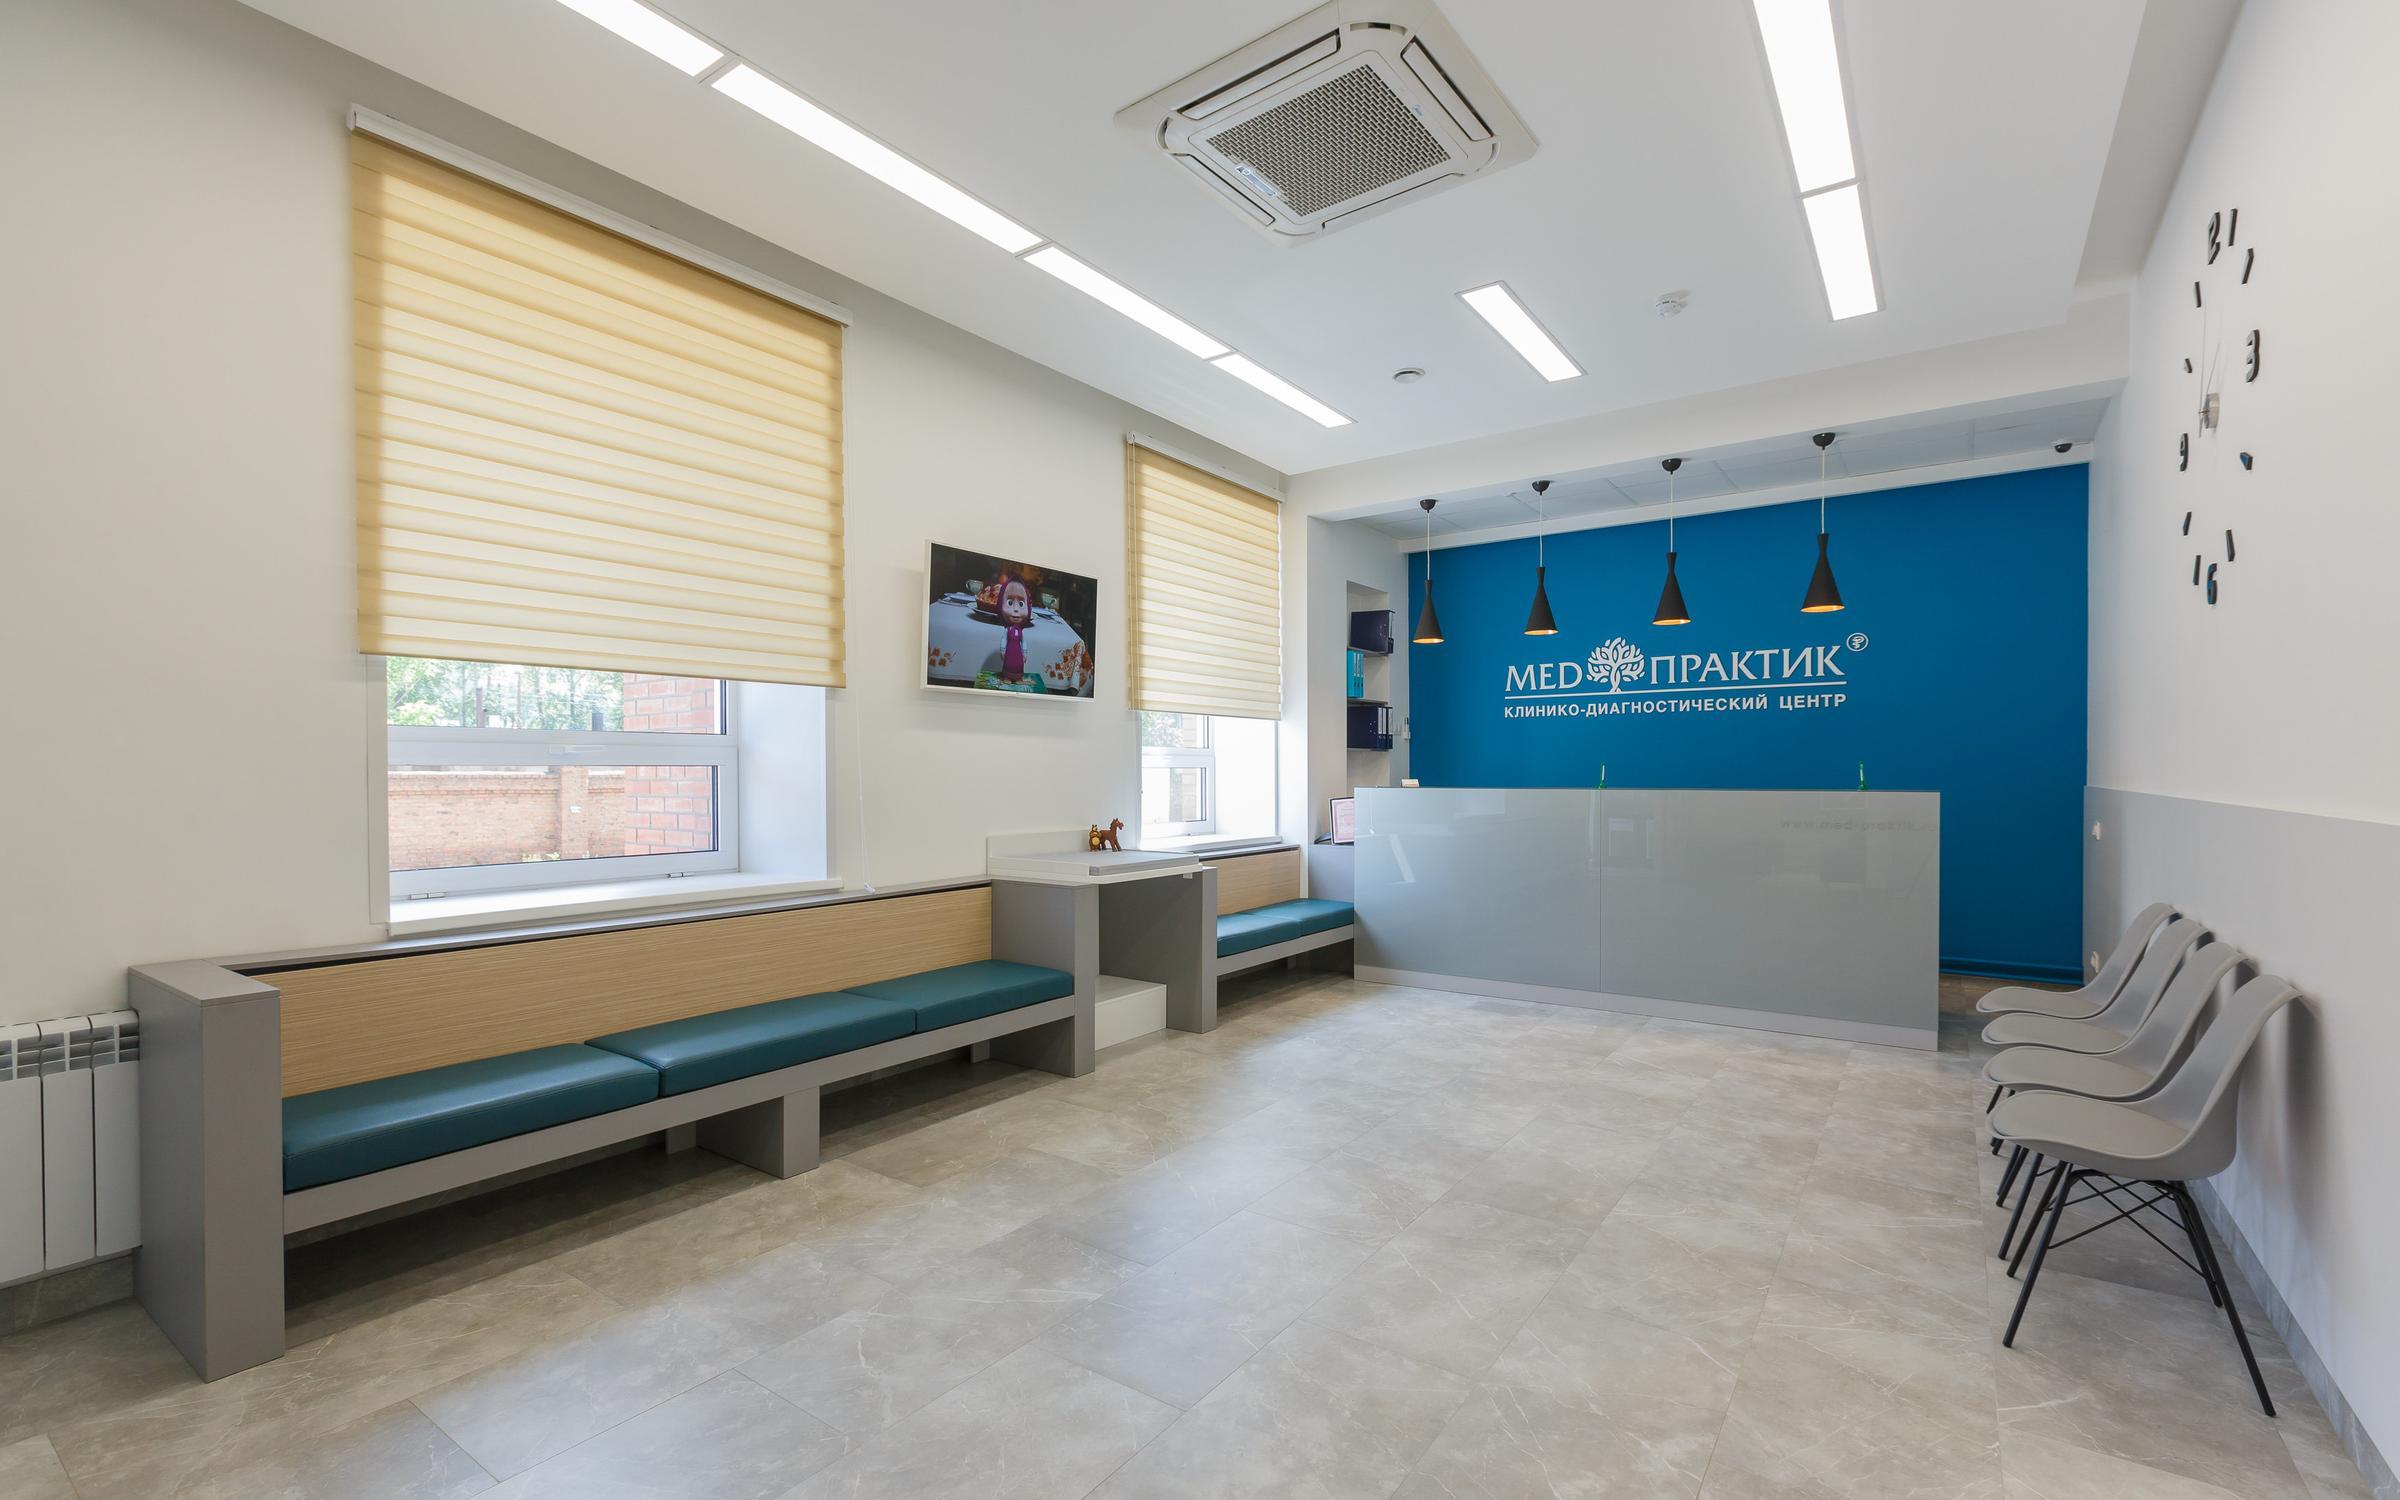 фотография Клинико-диагностического центра MEDПрактик на Апрельской улице